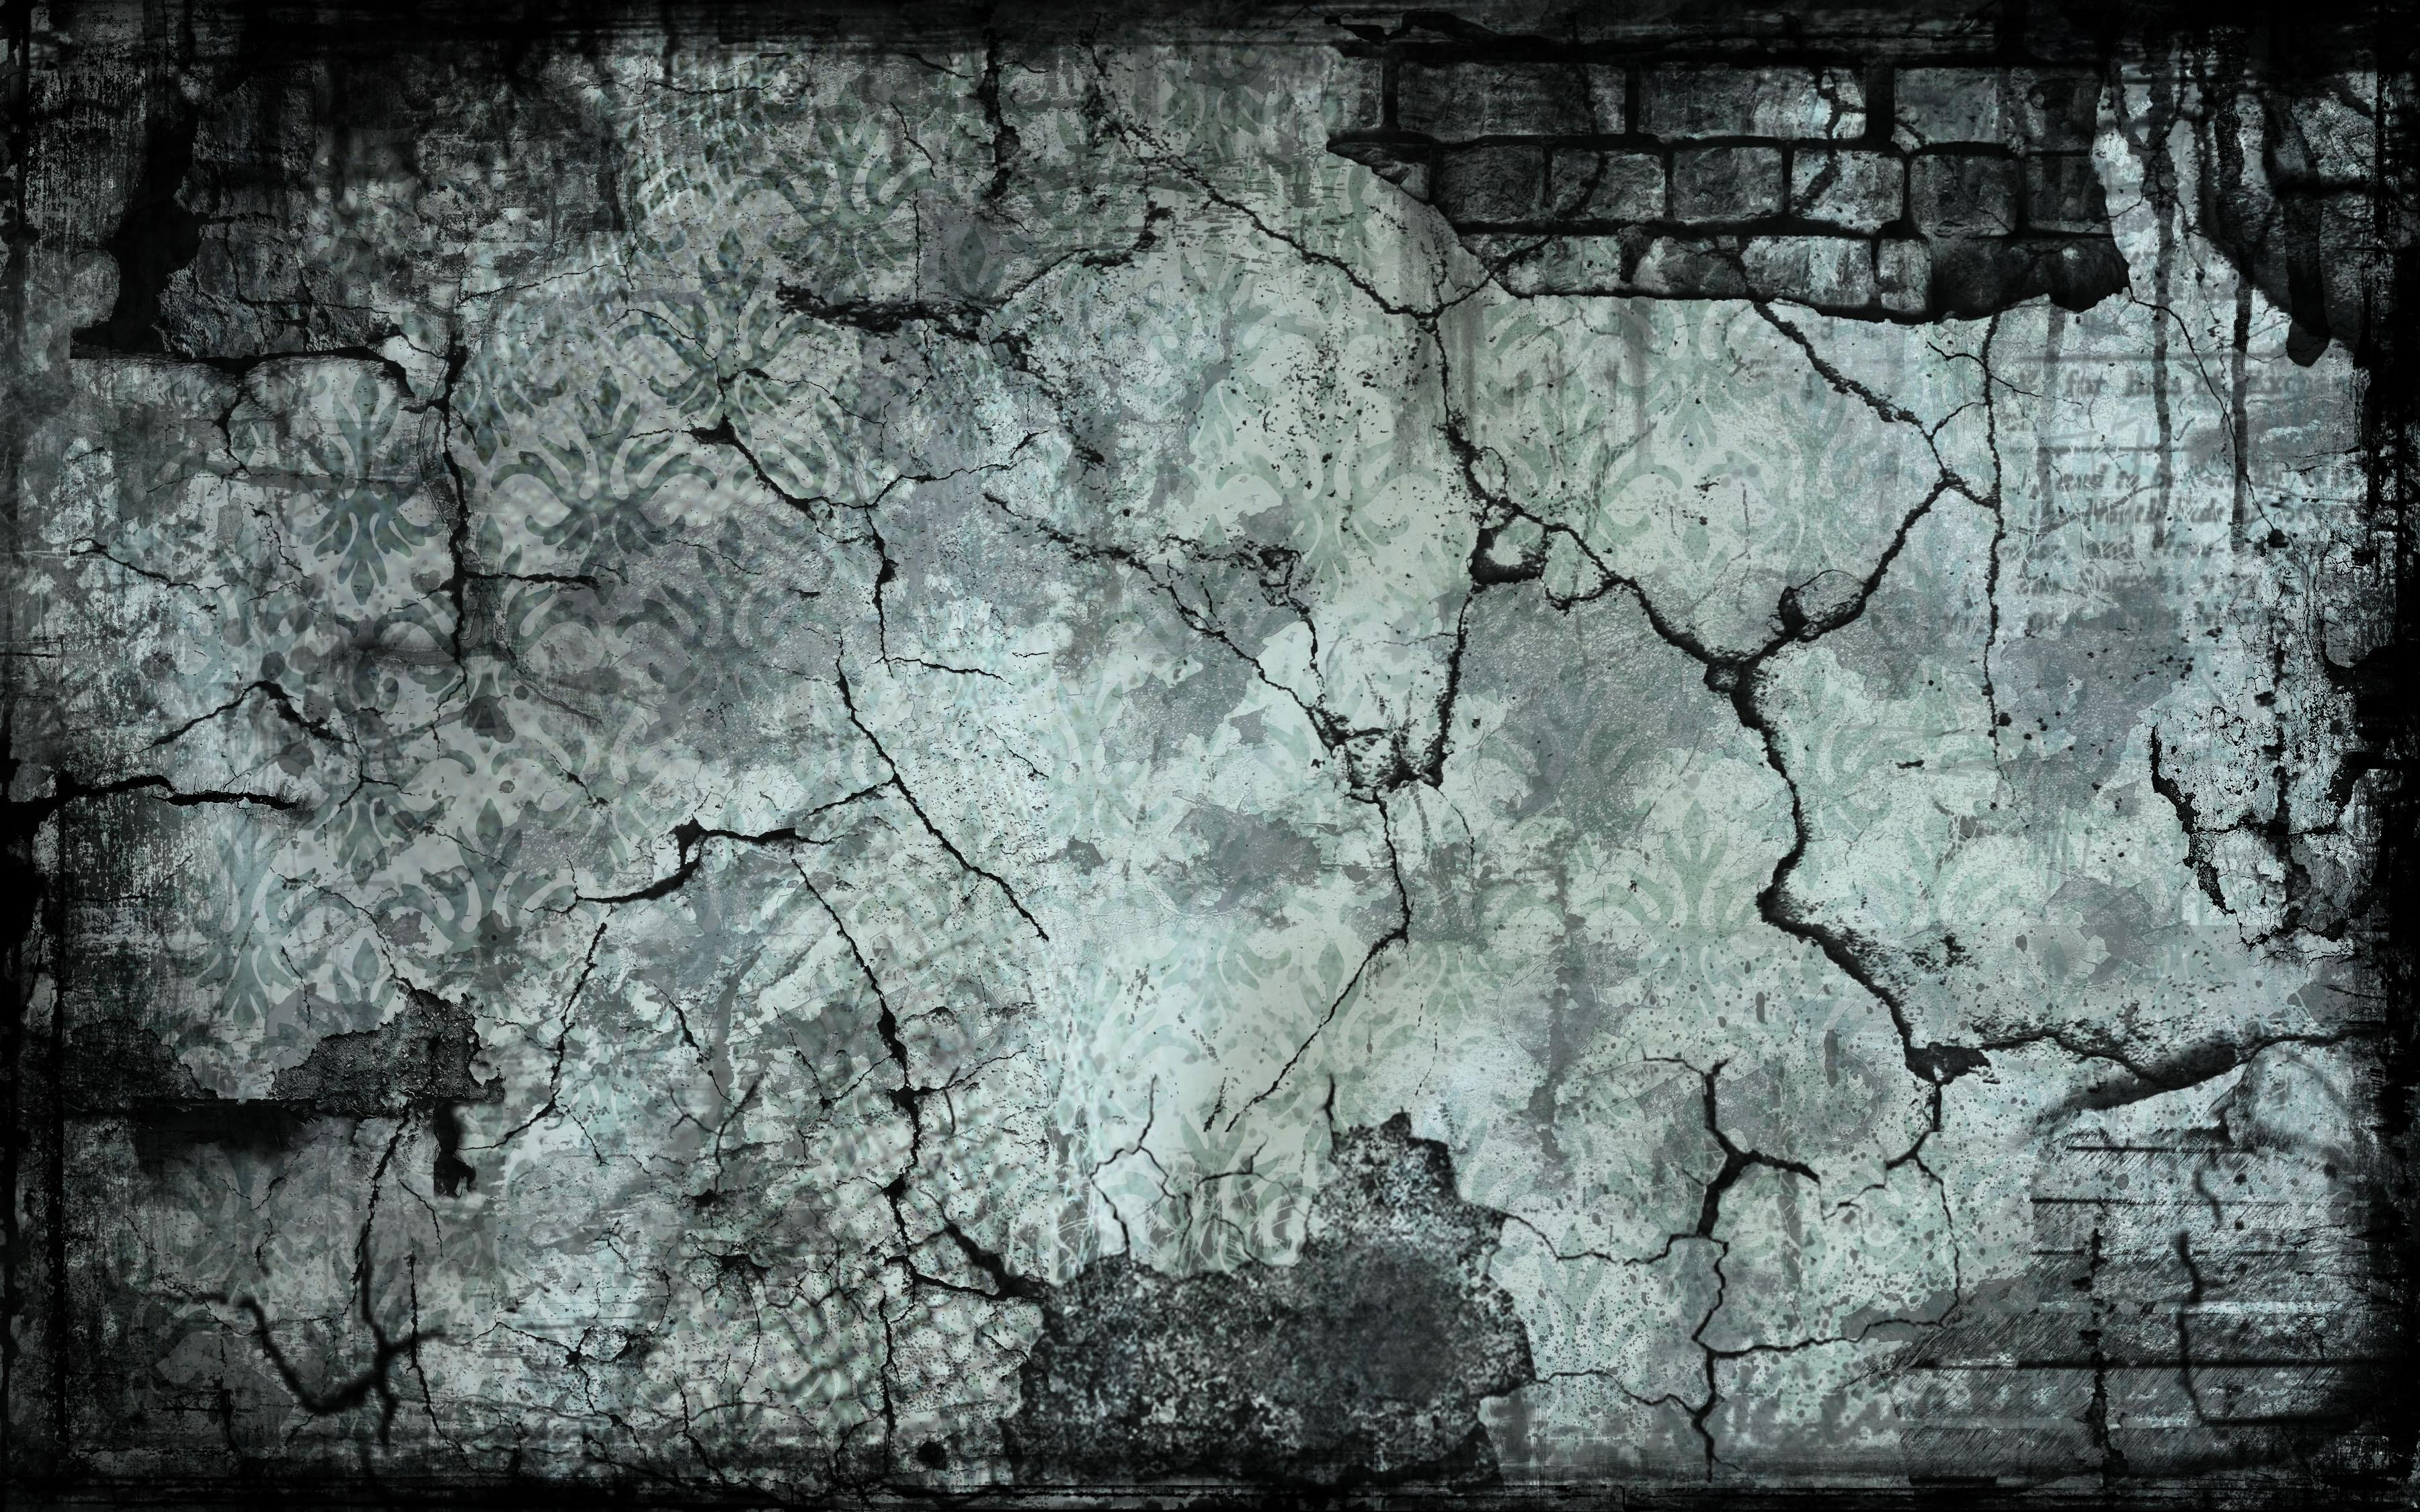 текстура стена плиты загрузить